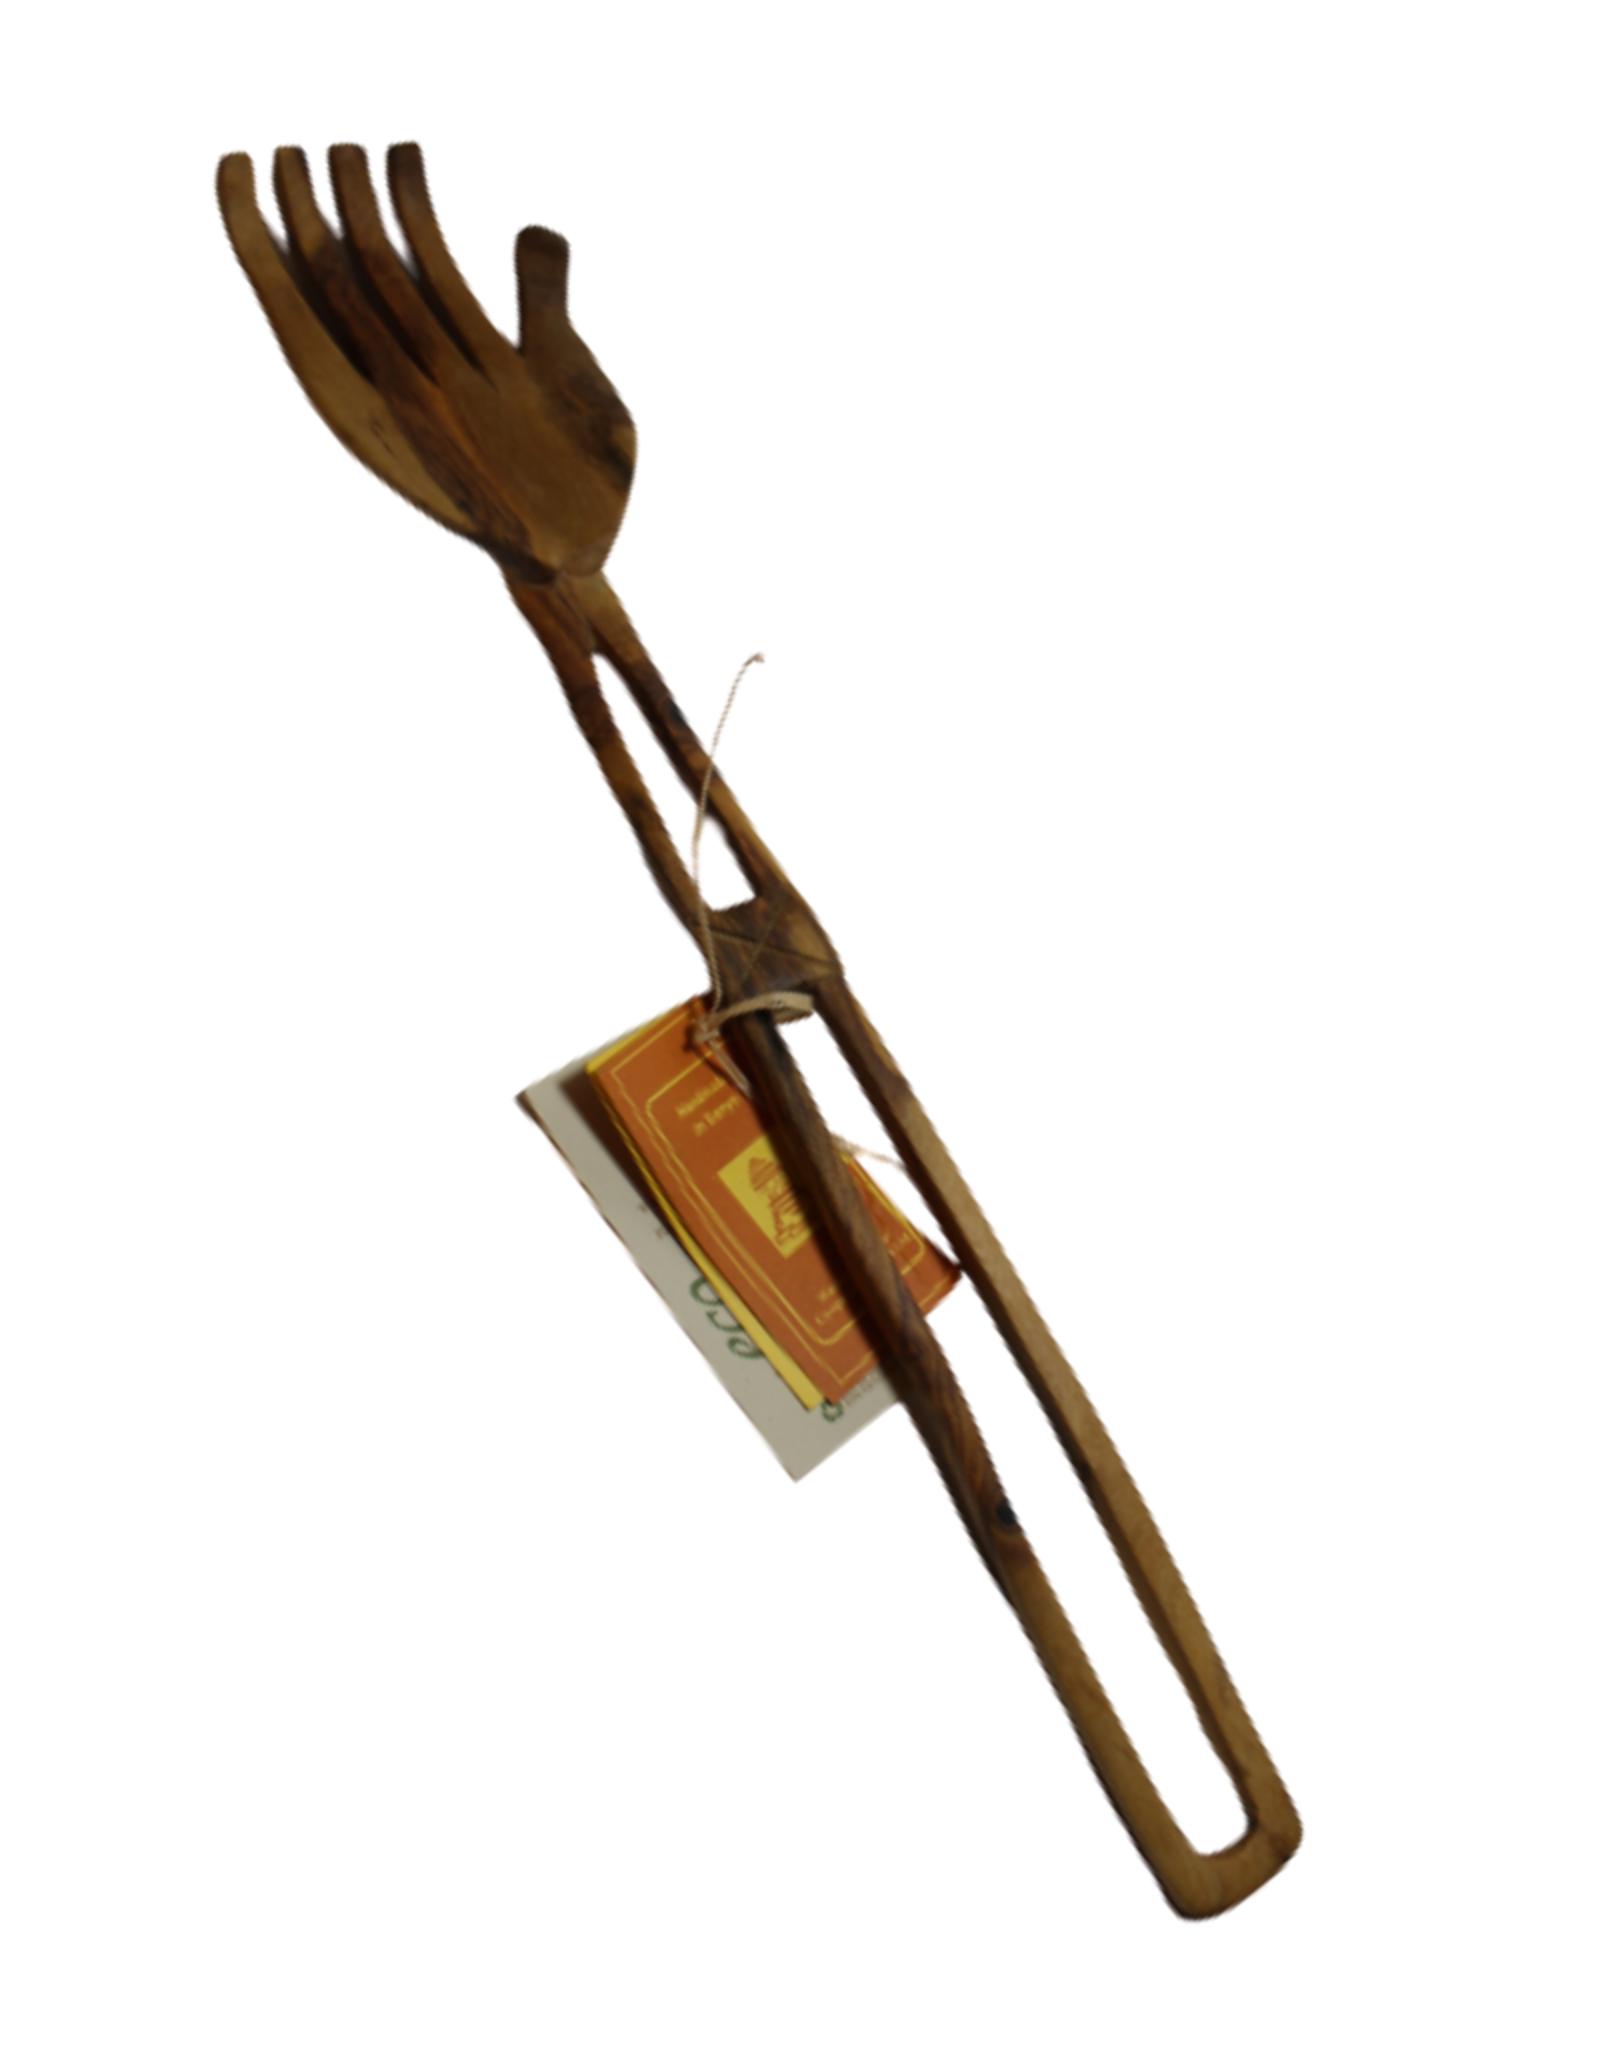 Backscratcher